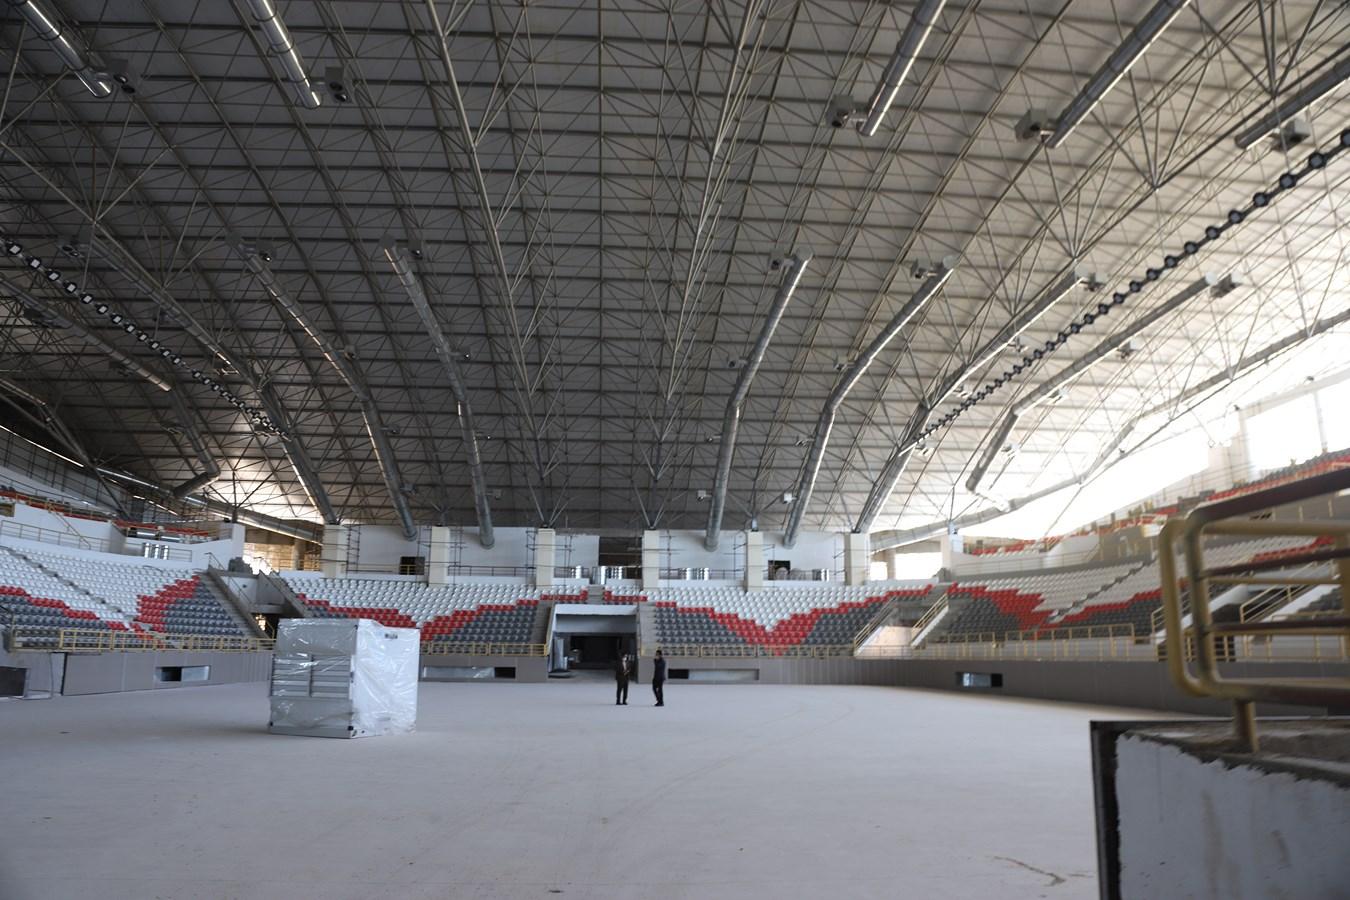 این بار وعده وعده تکمیل ورزشگاه شش هزار نفری شیراز در سال آینده!